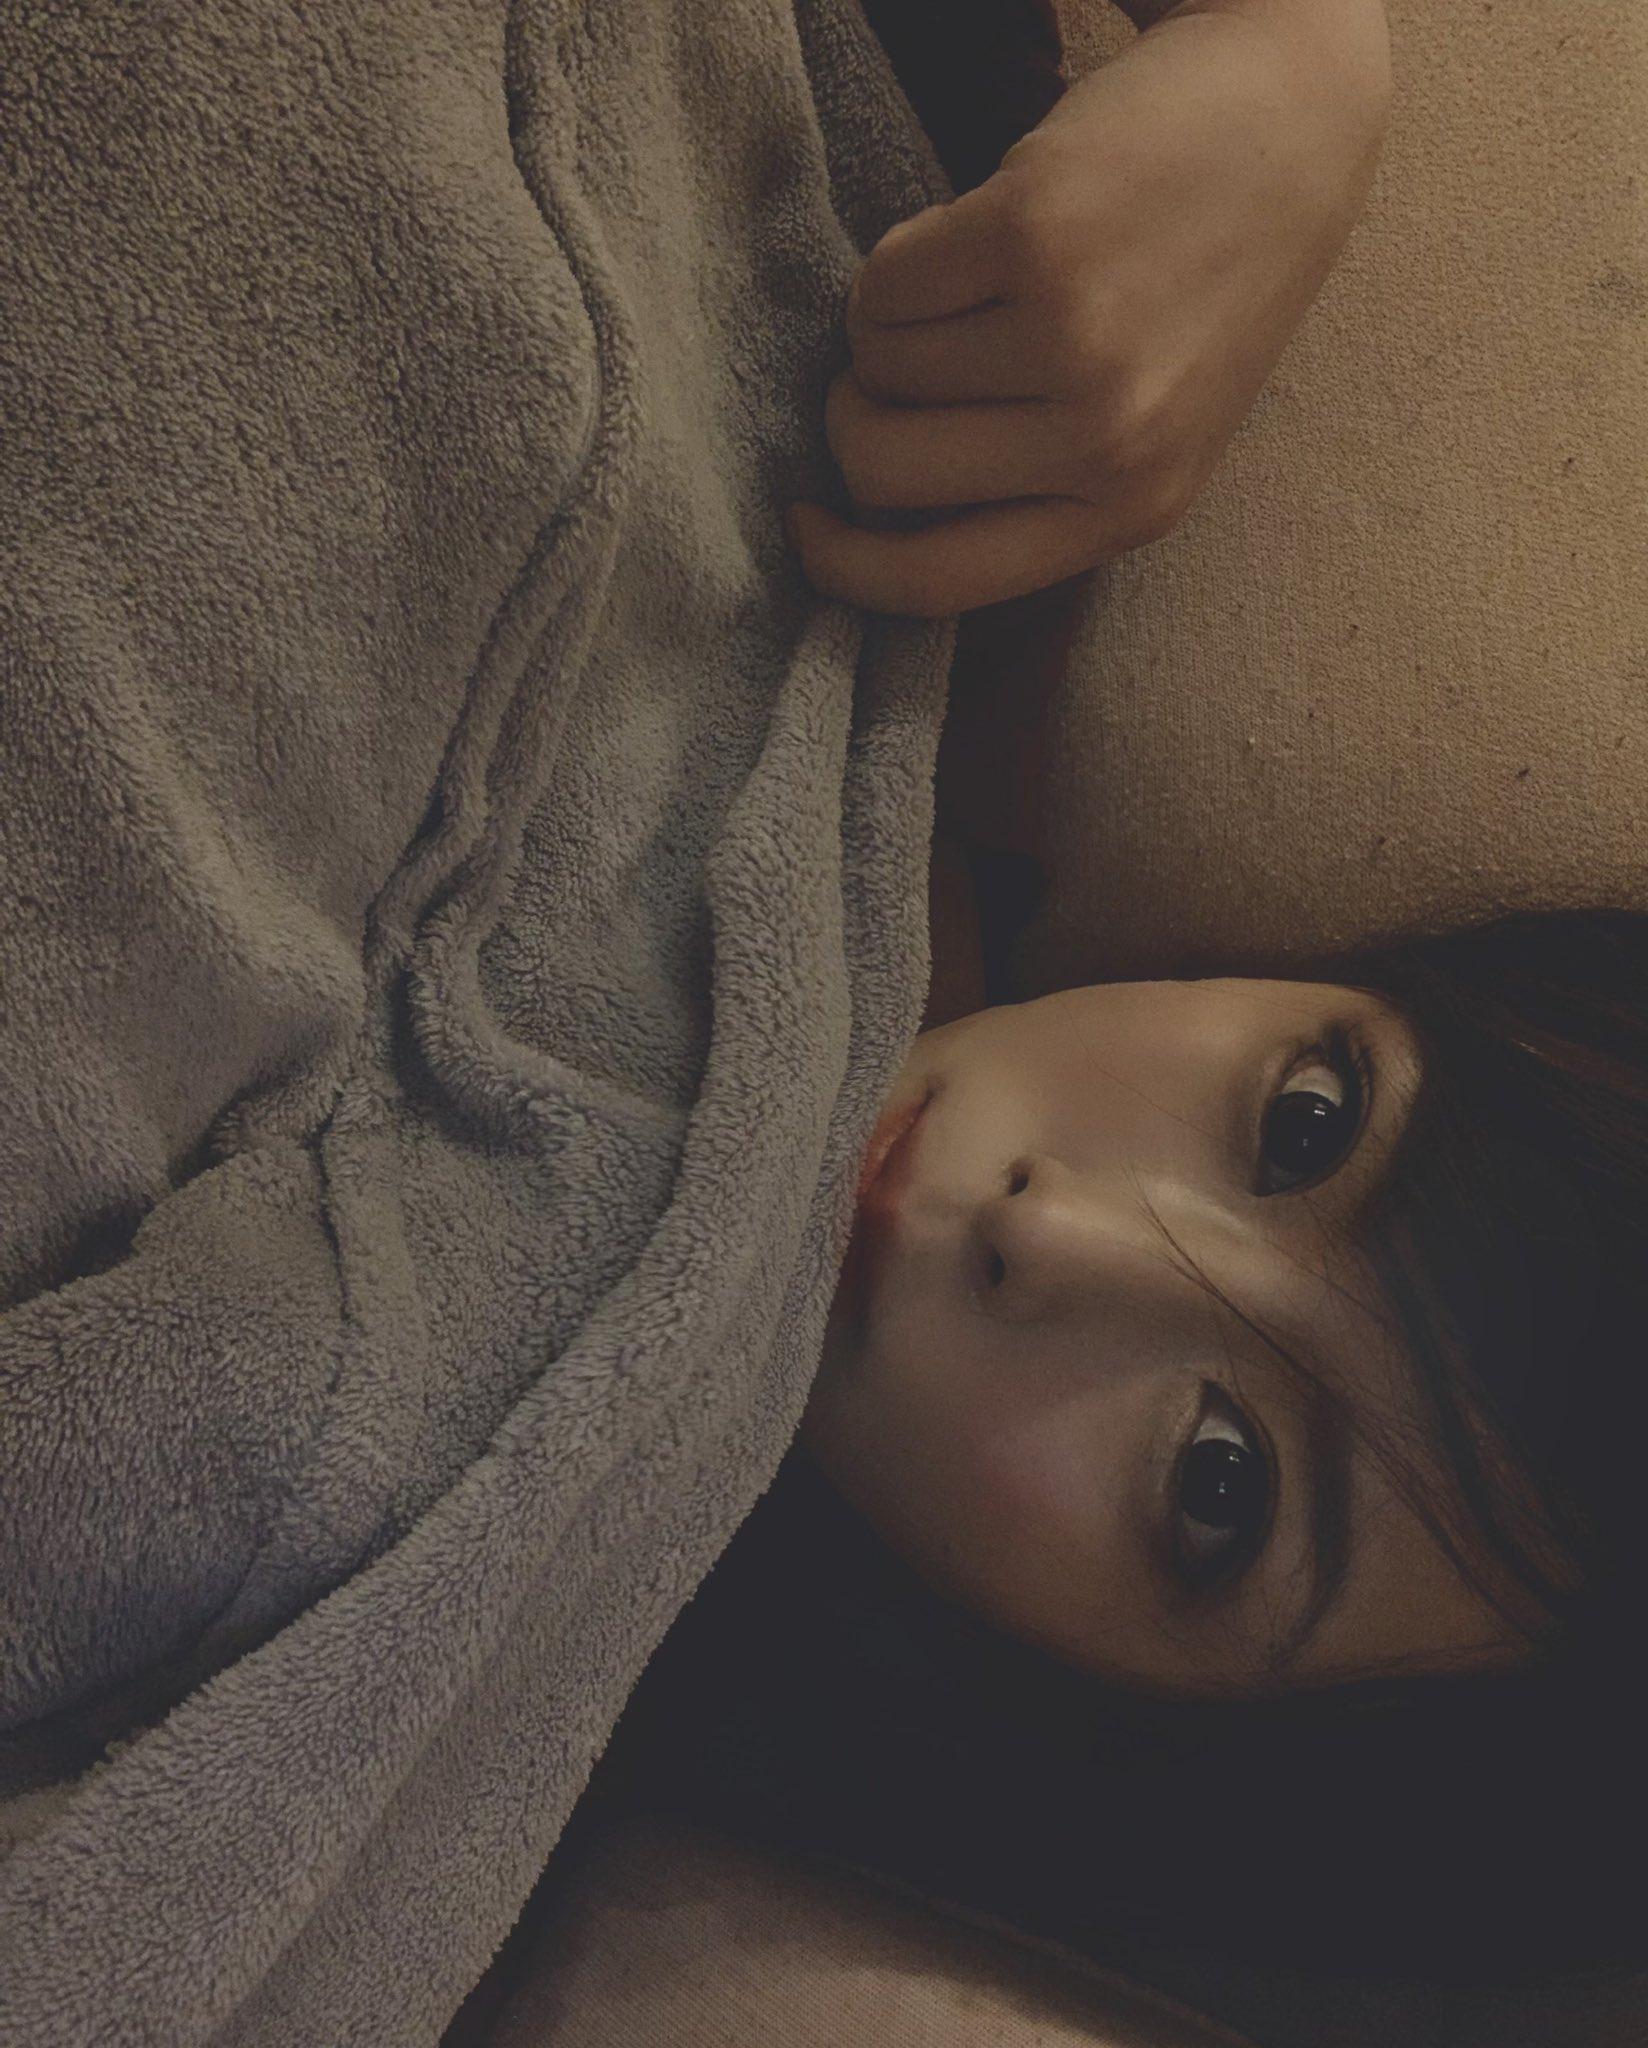 【辻井ほのかエロ画像】GからIカップにまで成長遂げた長身巨乳美少女・辻井ほのか!